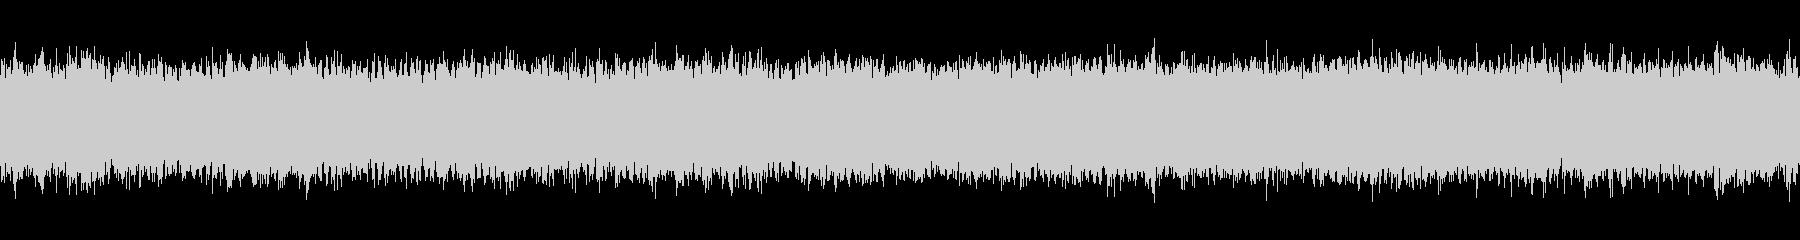 ループ 和風オーケストラのバトルBGMの未再生の波形